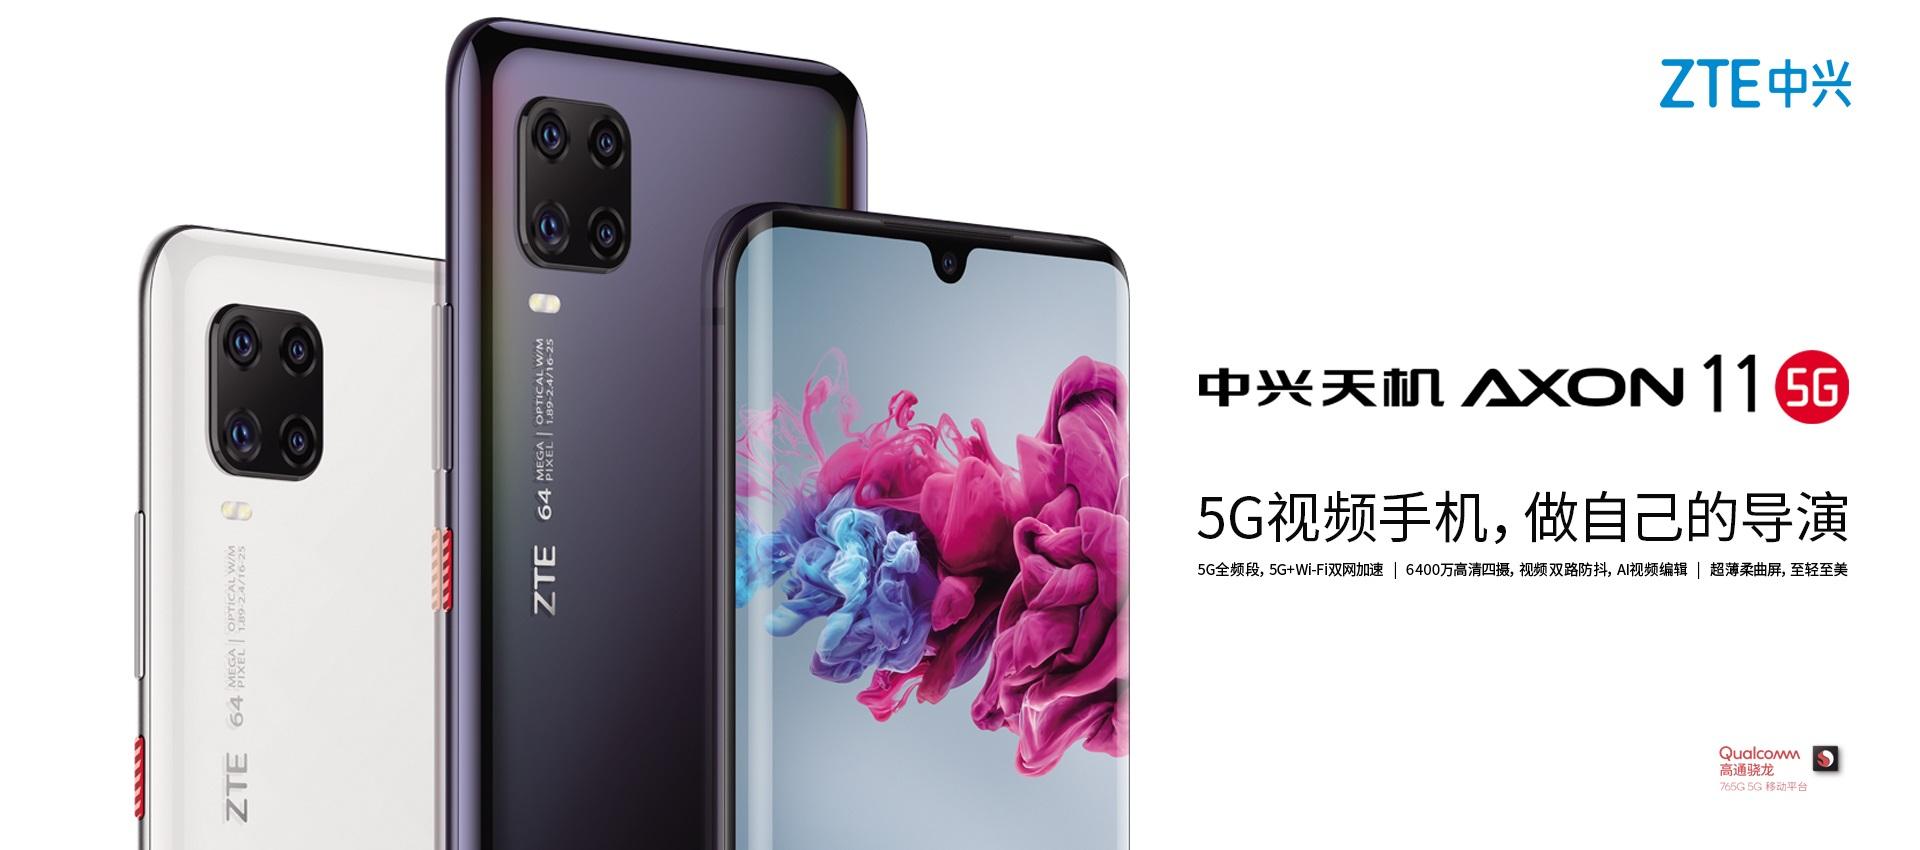 ZTE Axon 11 5G smartphone